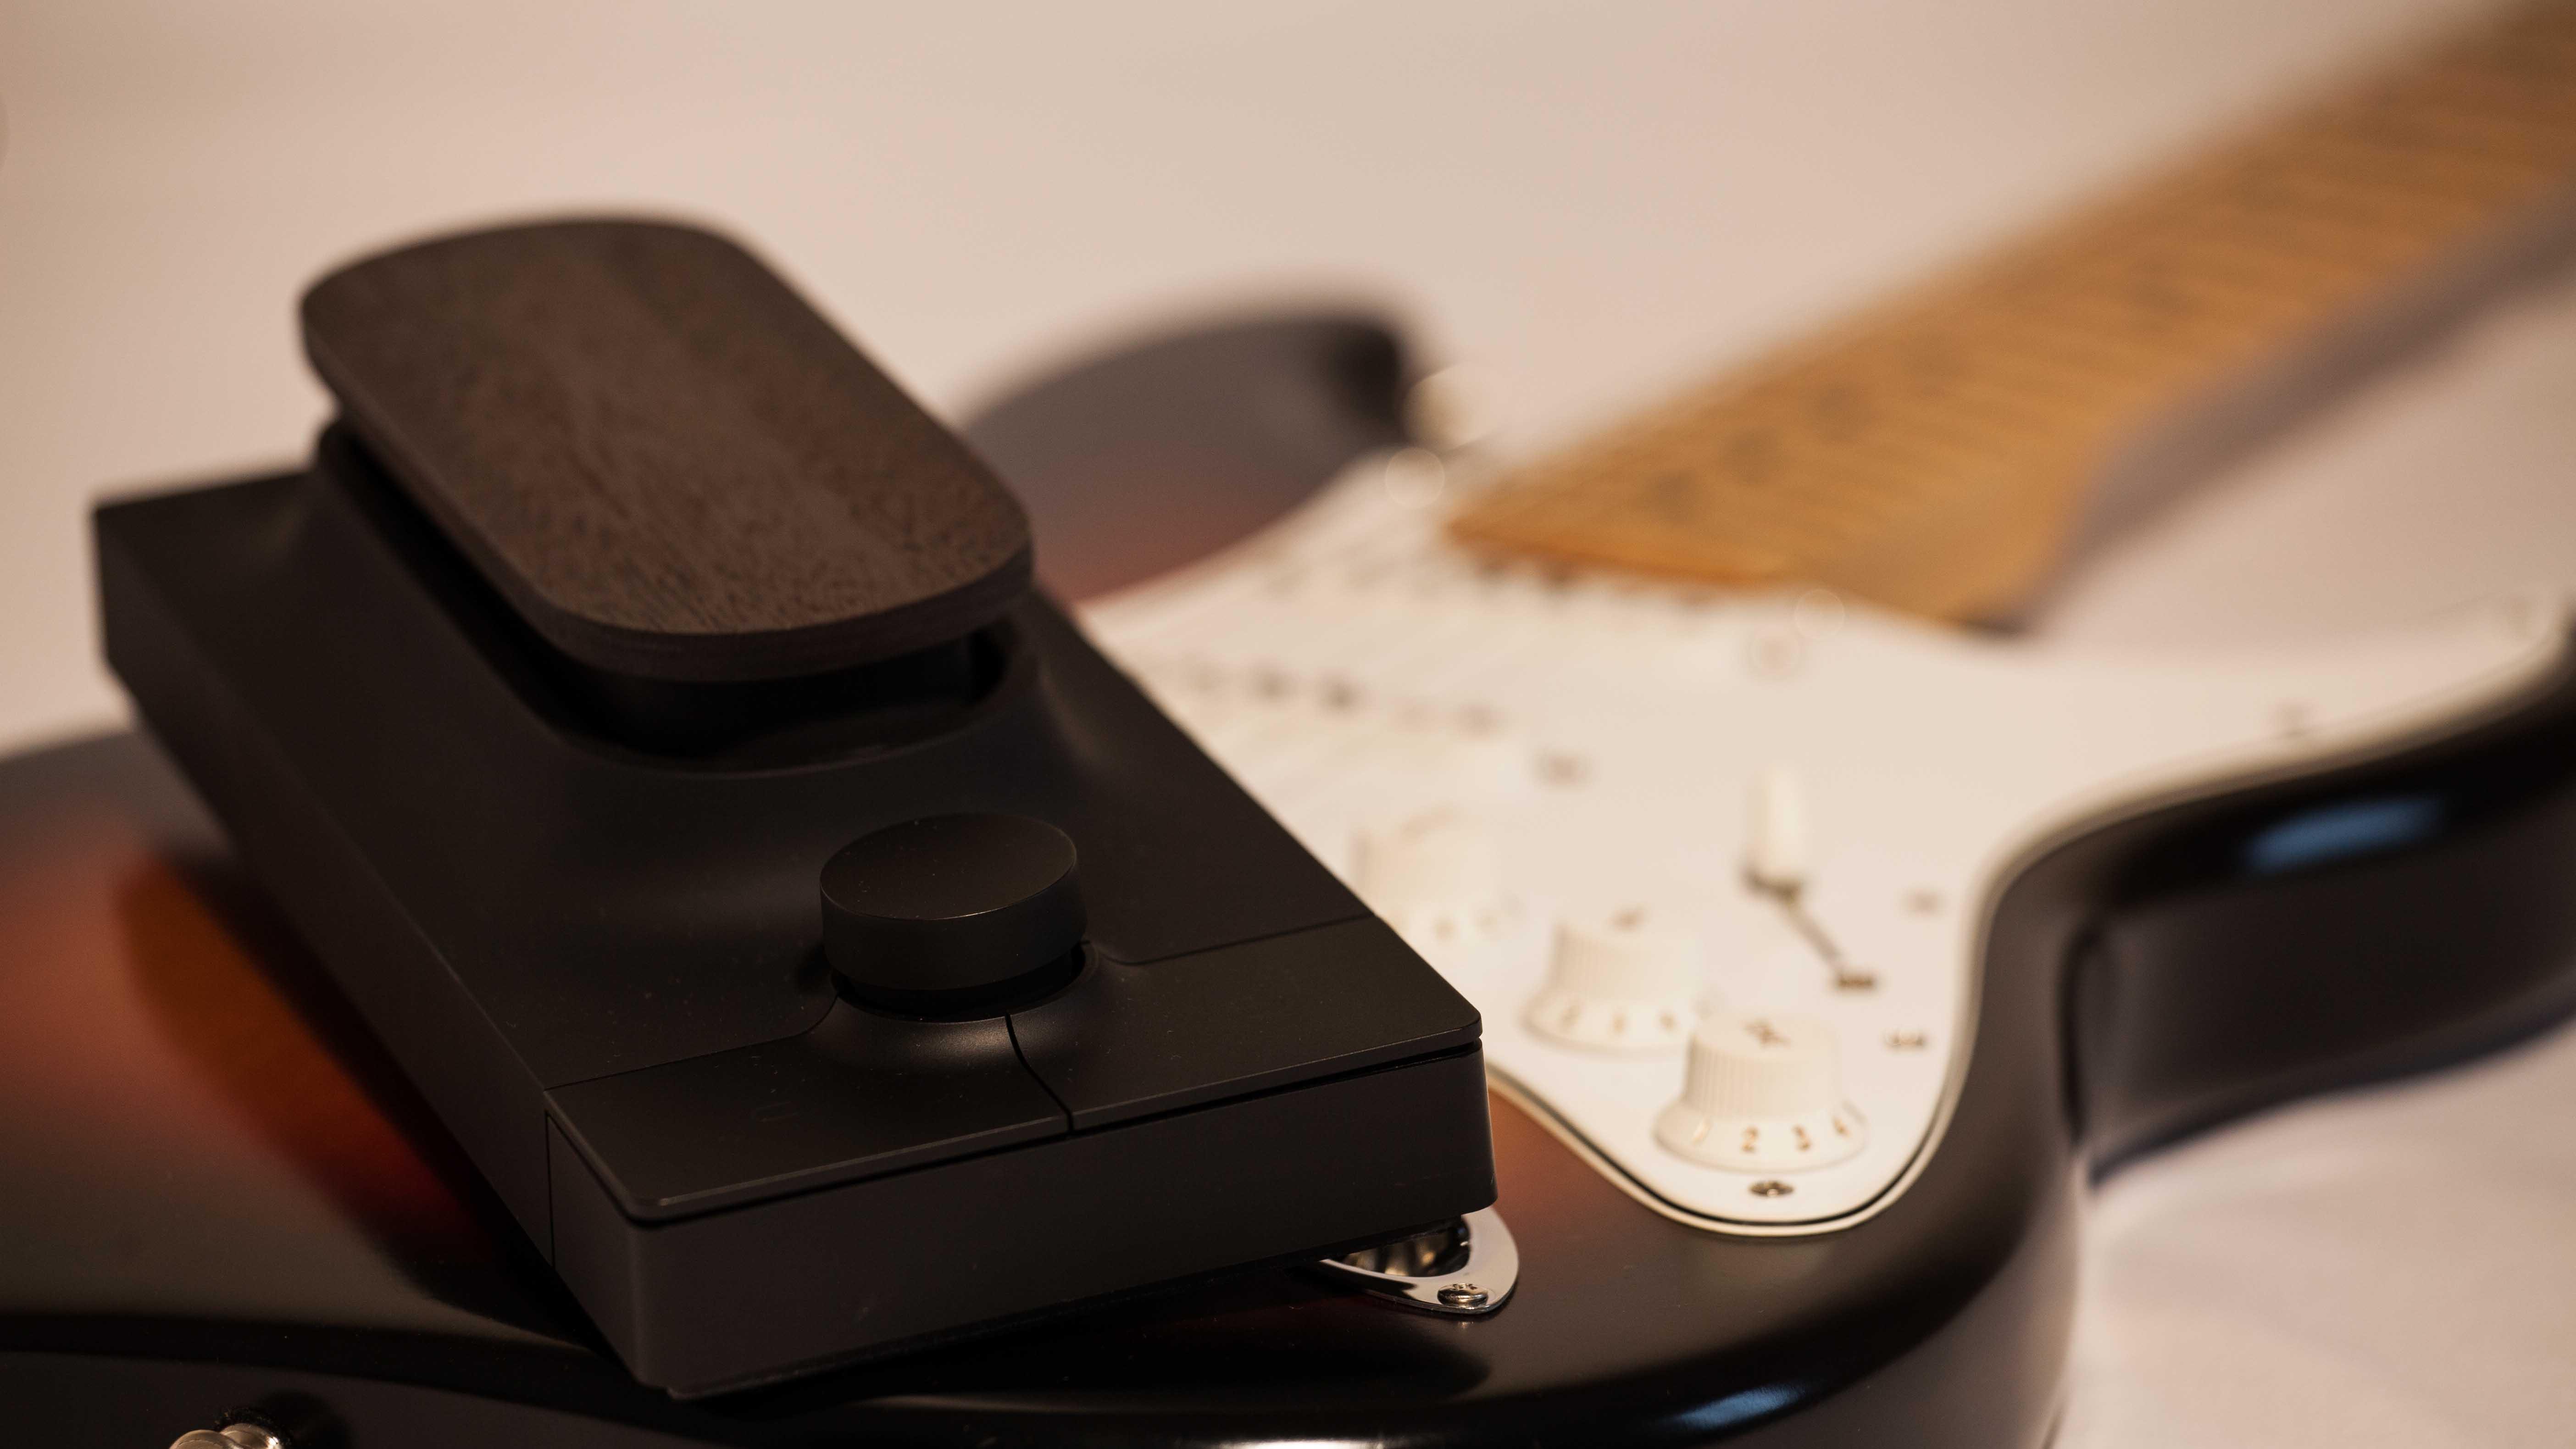 Touché Controller vs strumento tradizionale Pic. A. Panella - Touché - Expressive E - Touch Me.